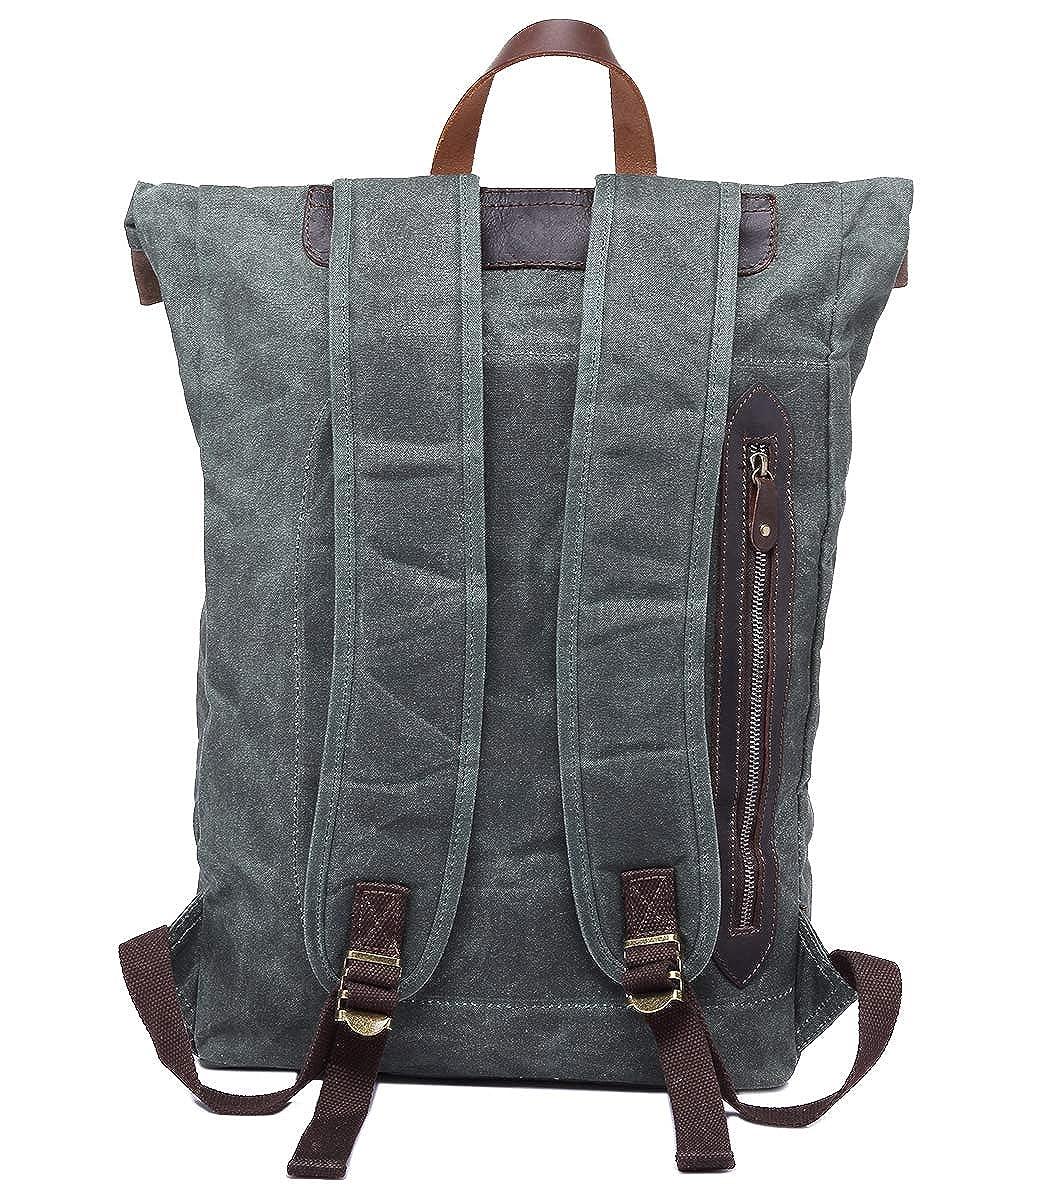 RAPIDLY Rucksack Durable Canvas Daypack Unisex Unisex Unisex Rucksack Wasserabweiser Laptop-Tasche B07GVGQ3JM Daypacks Zu verkaufen 6c21ed